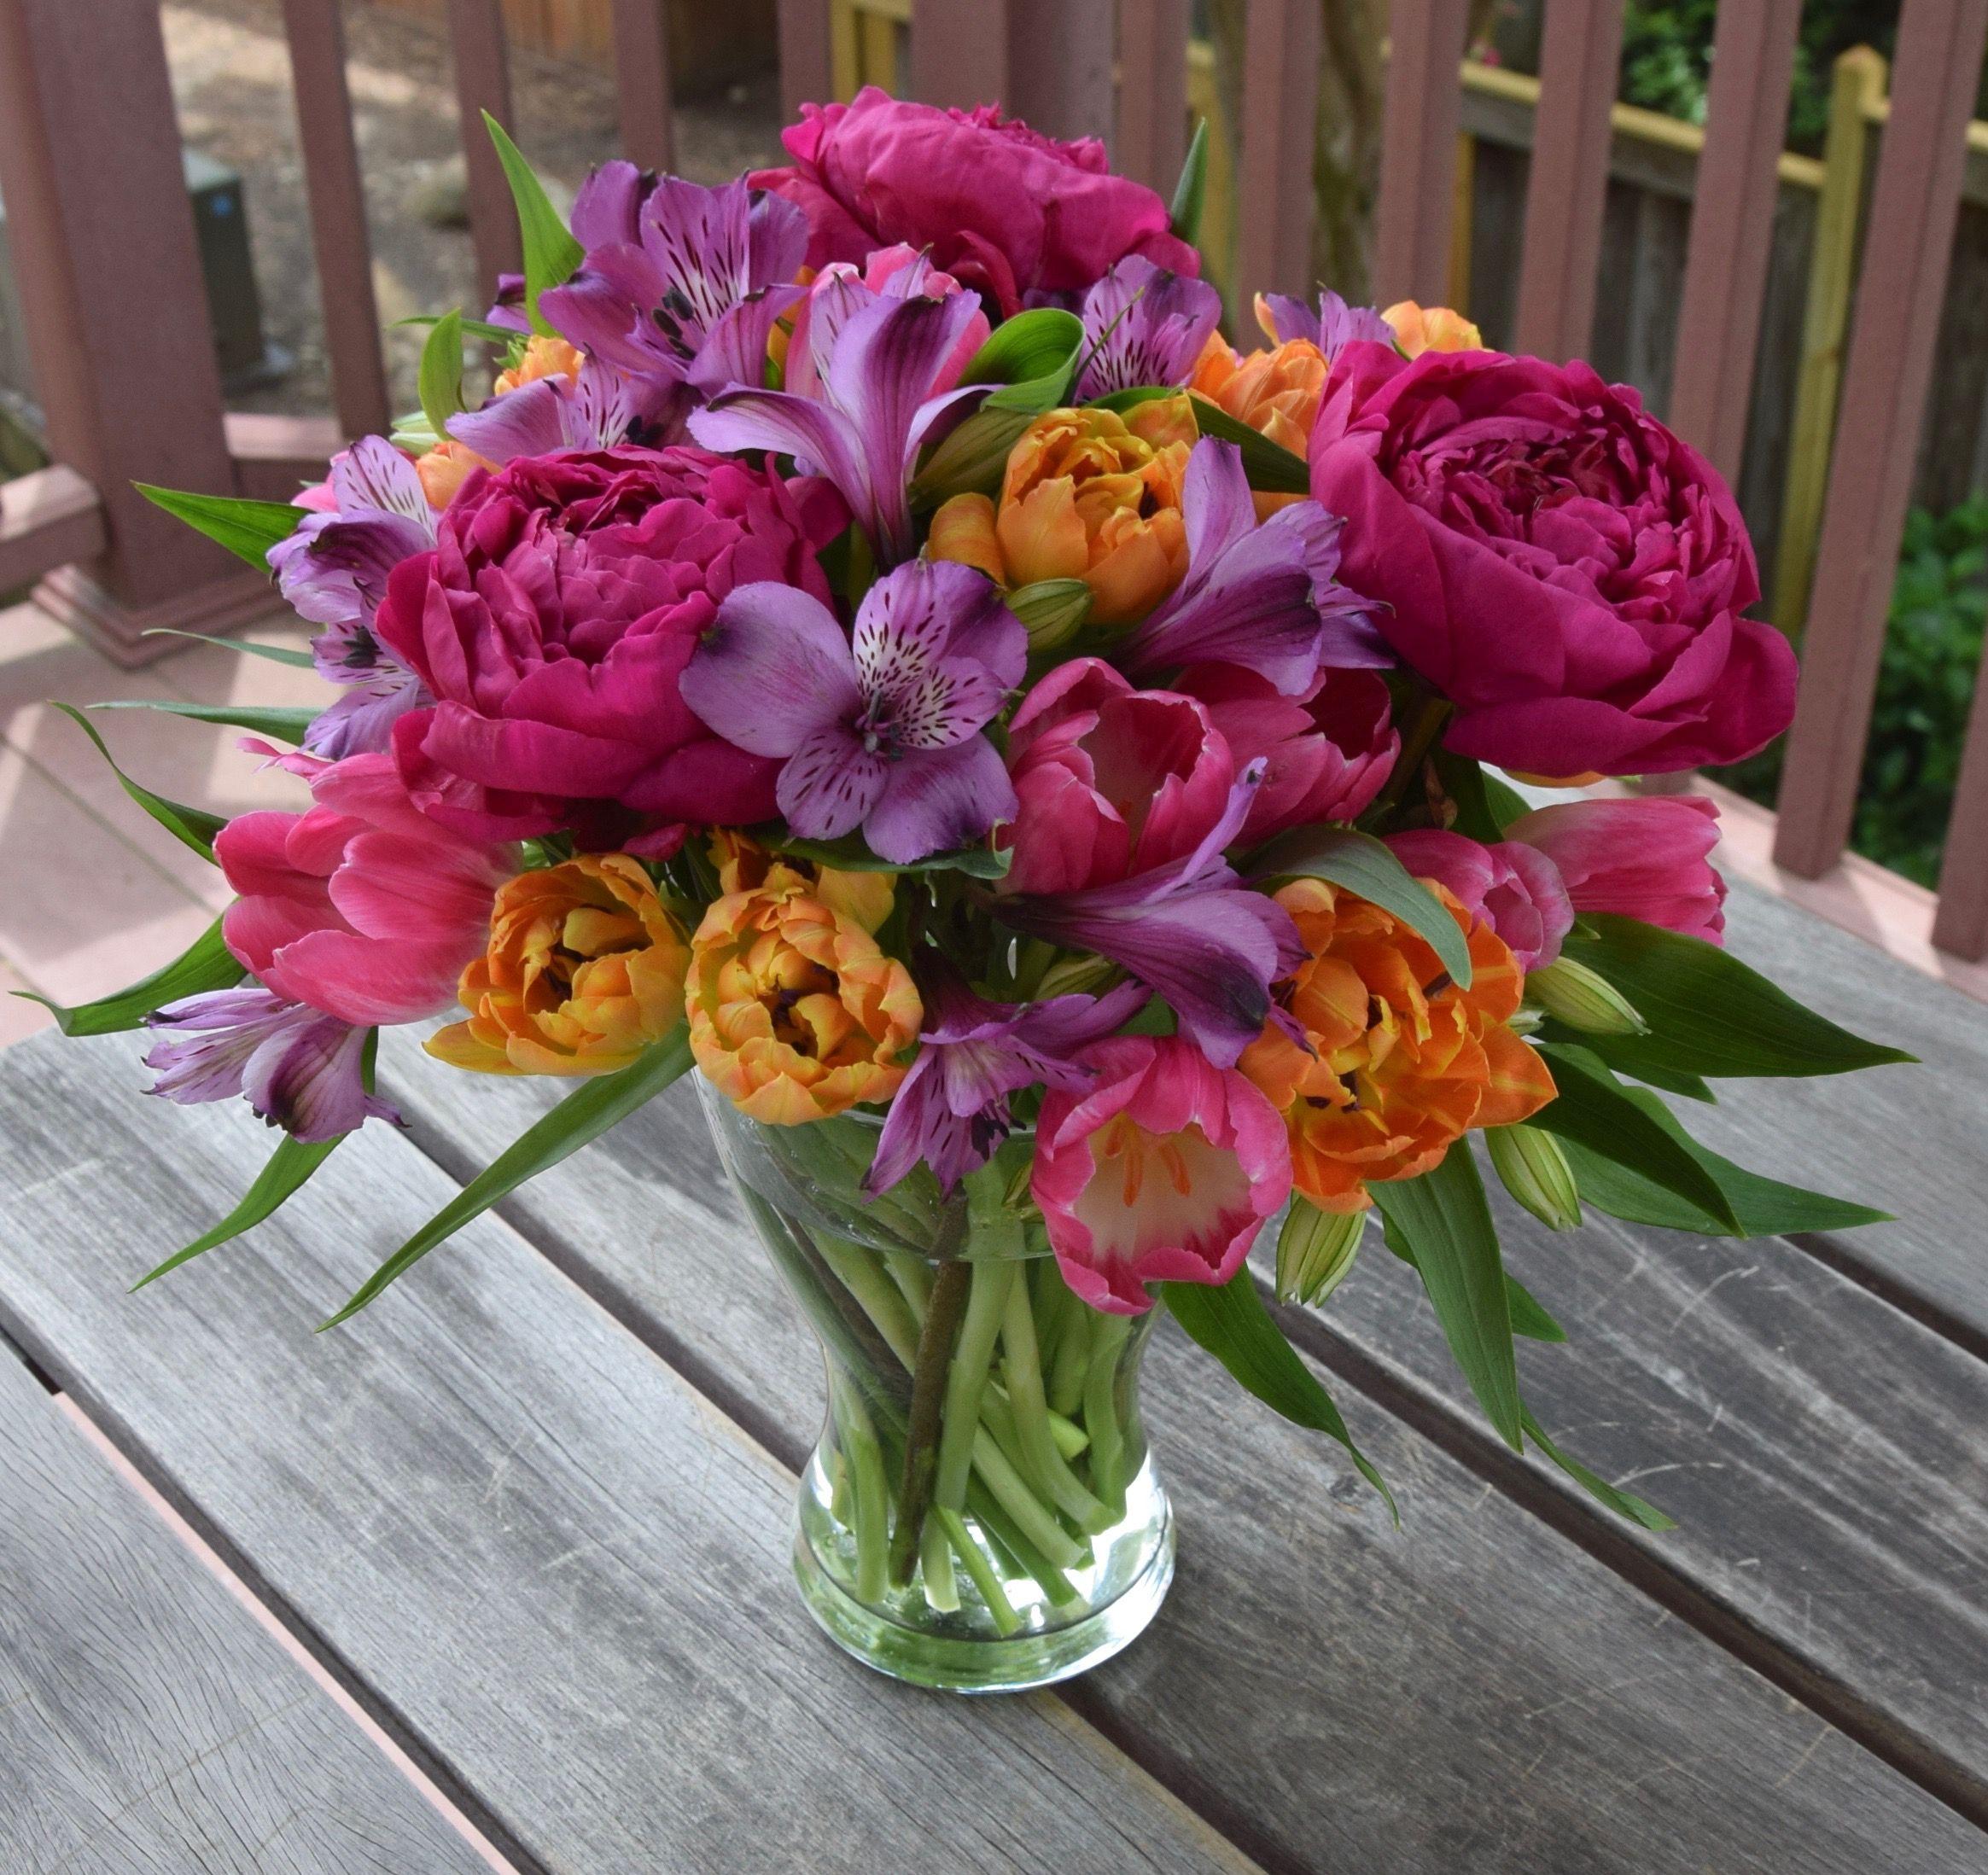 Flower arrangement in jewel tones with peonies tulips